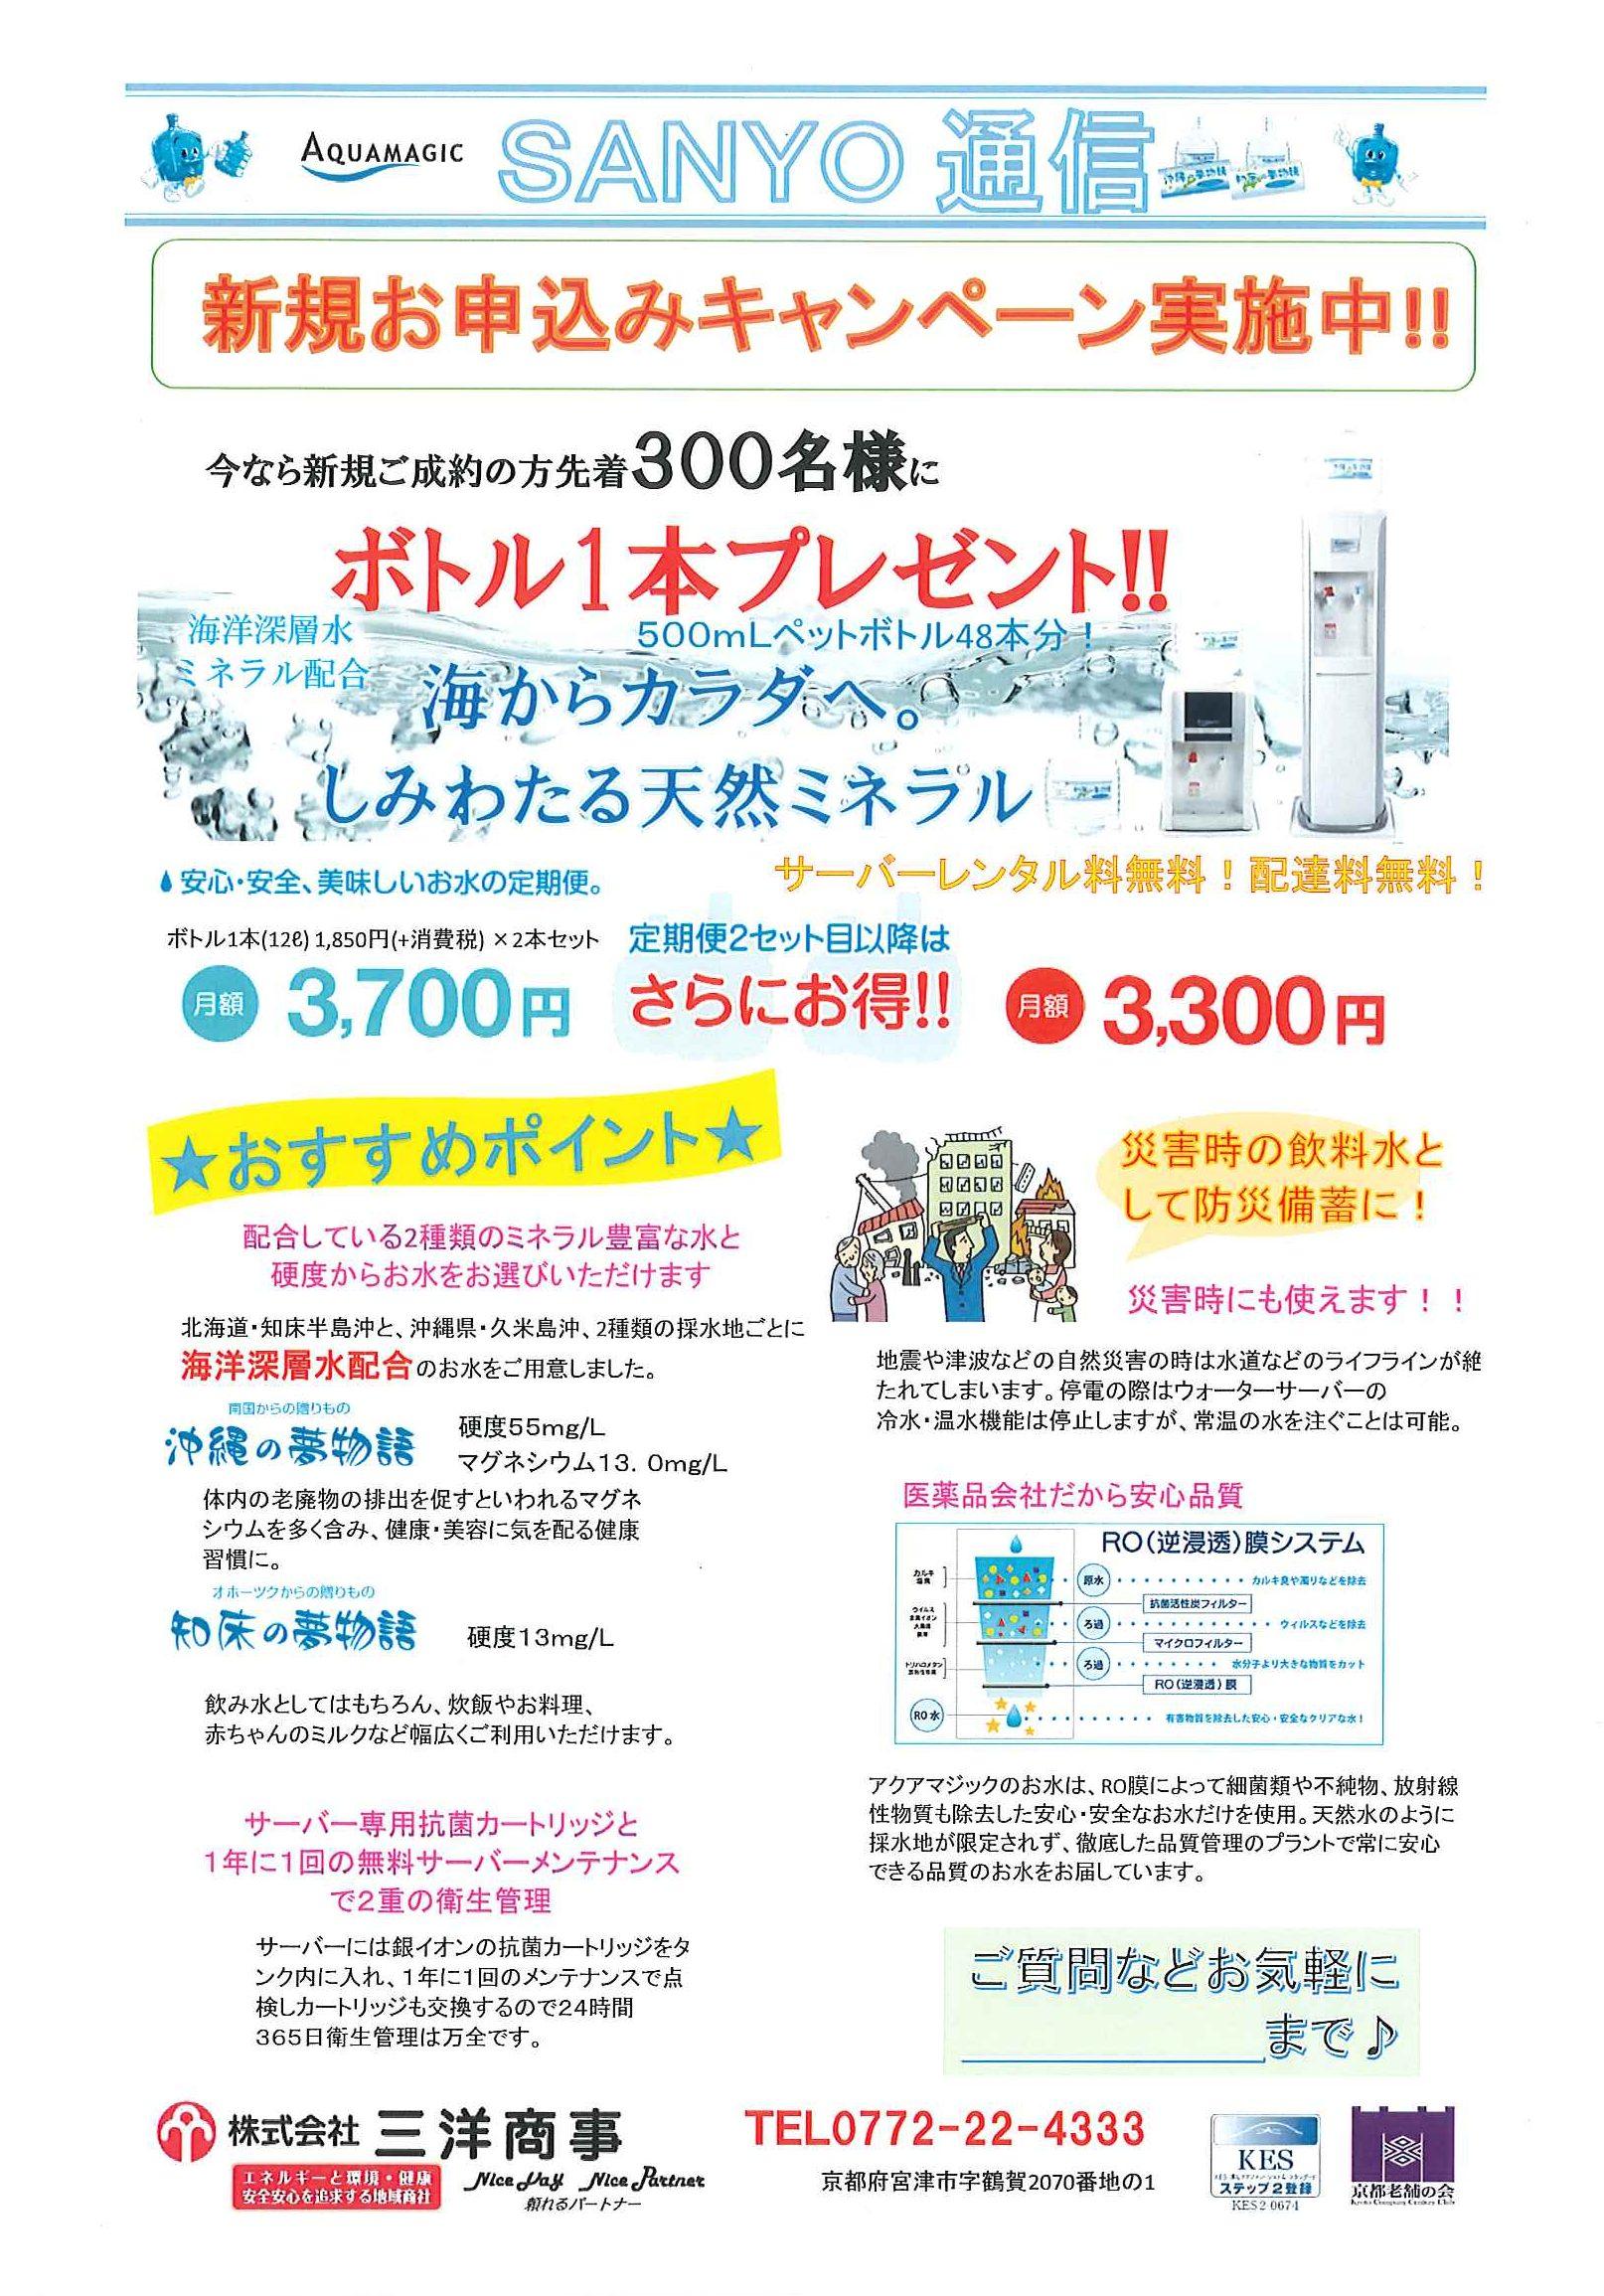 三洋通信アクアマジックキャンペーン号